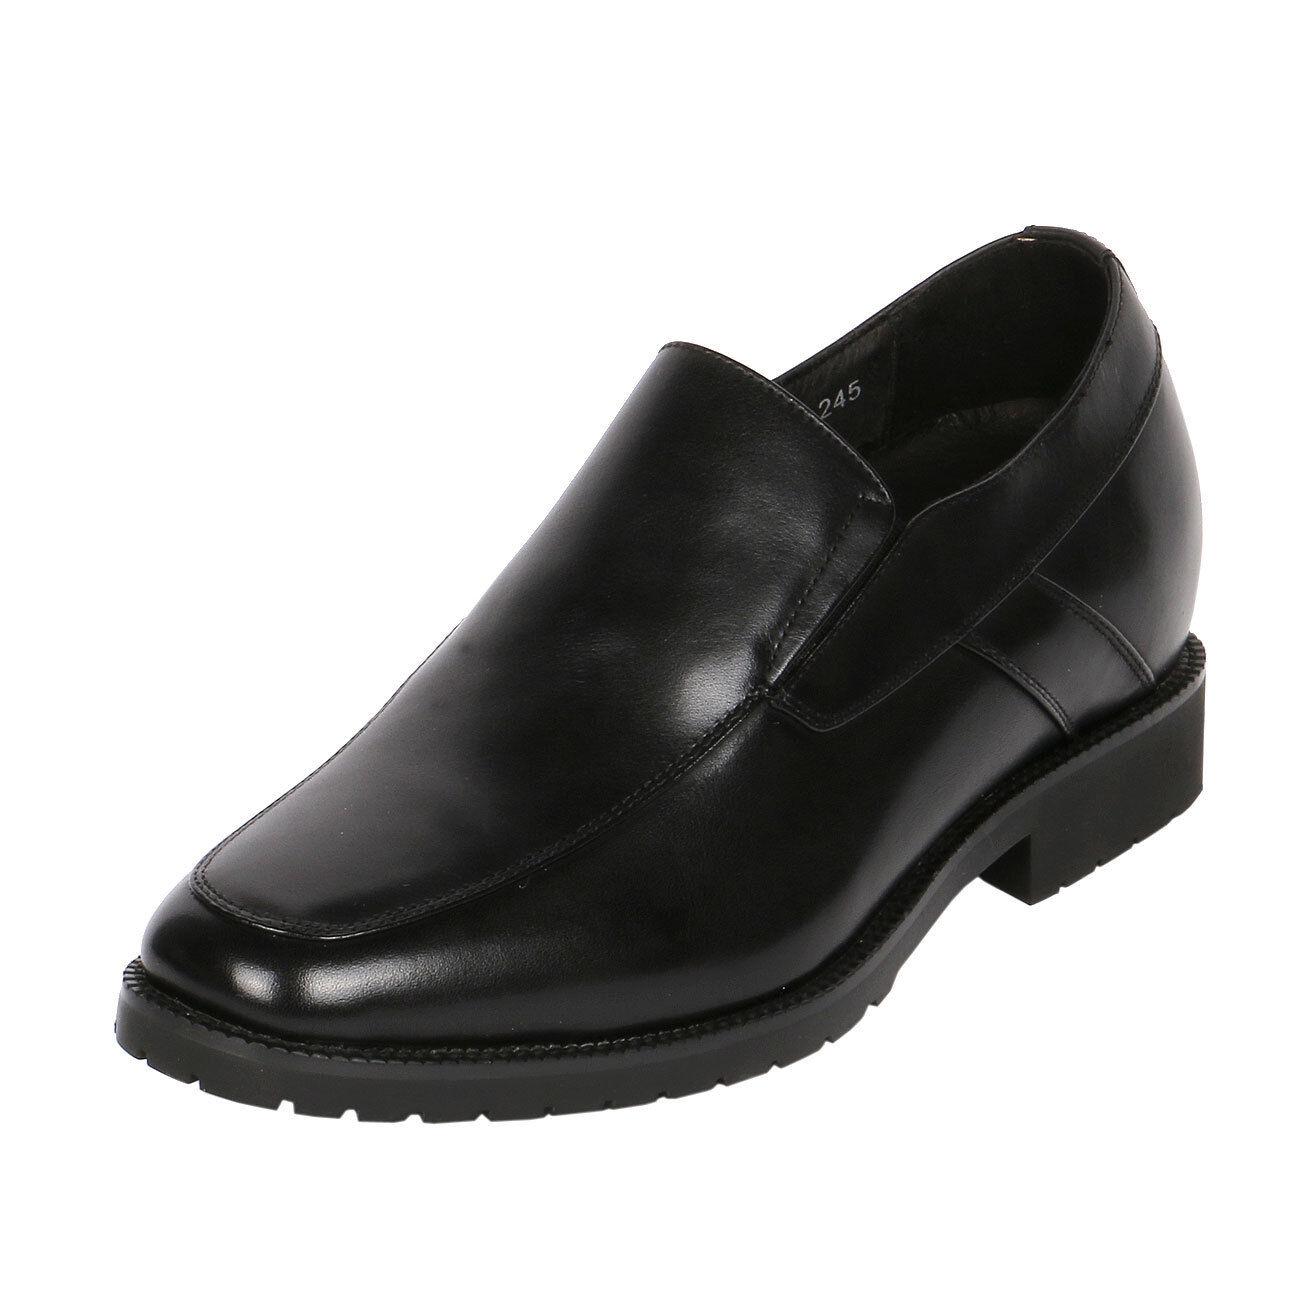 Delantal De Hombre Jota Toe Slip-on Zapato Aumenta Altura 3  más alto, CYD84